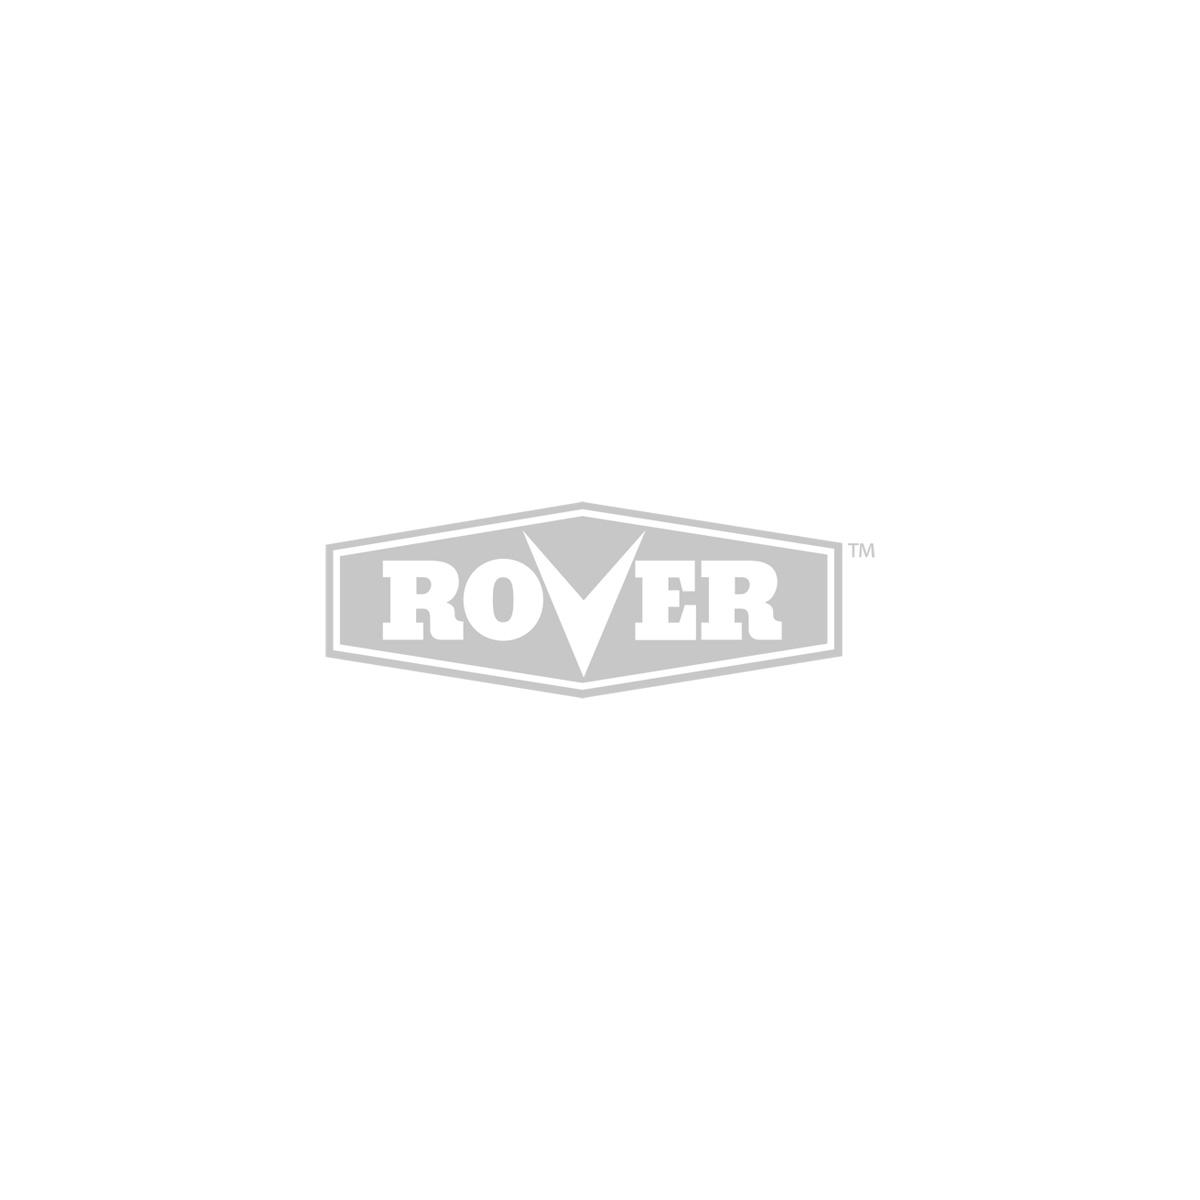 Ergonomic comfort grip for excellent comfort during long jobs